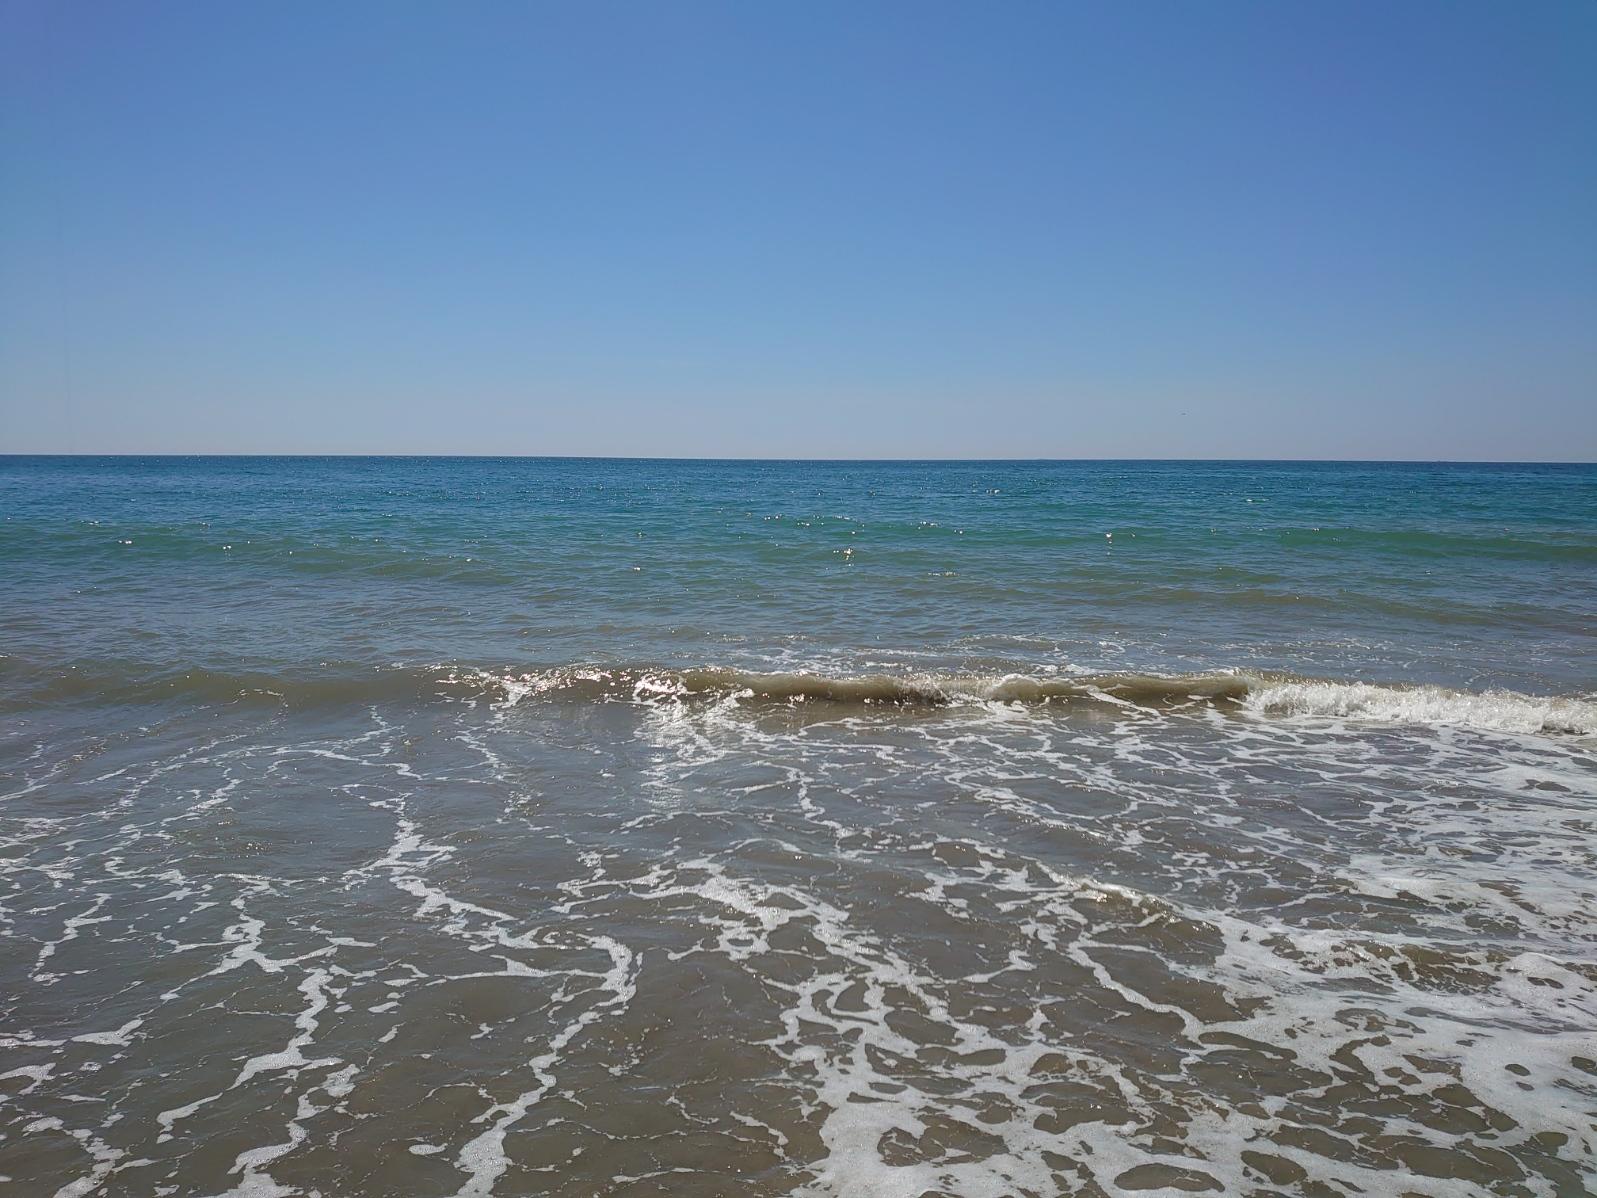 風も波も無く穏やかな海